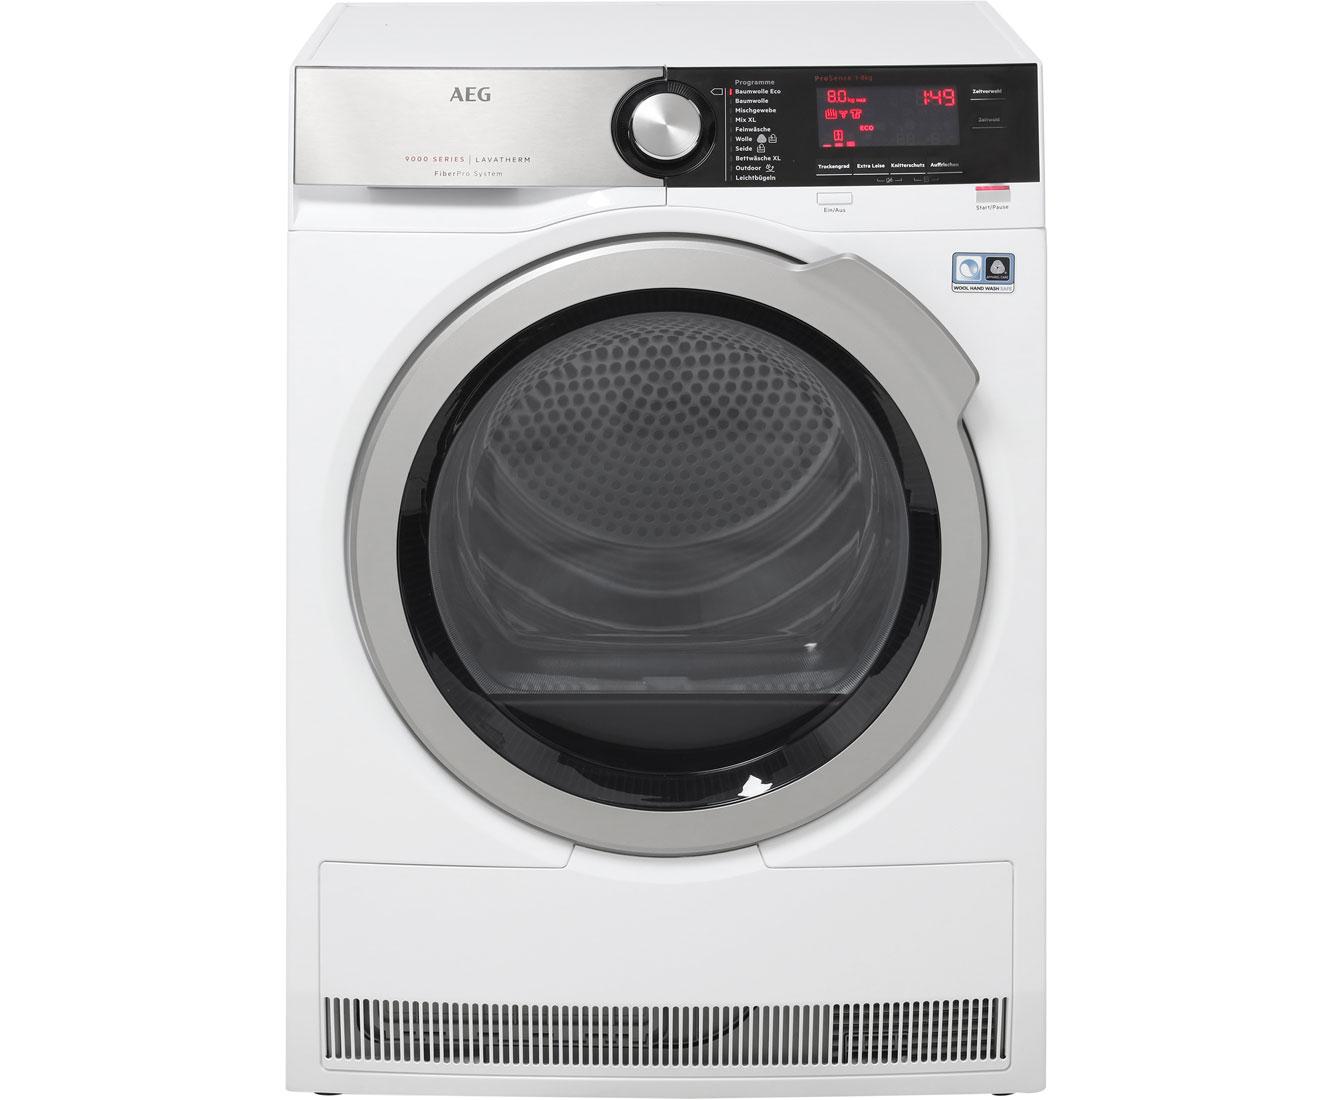 AEG T9DE87685 Wärmepumpentrockner - Weiß | Bad > Waschmaschinen und Trockner > Wärmepumpentrockner | Weiß | AEG